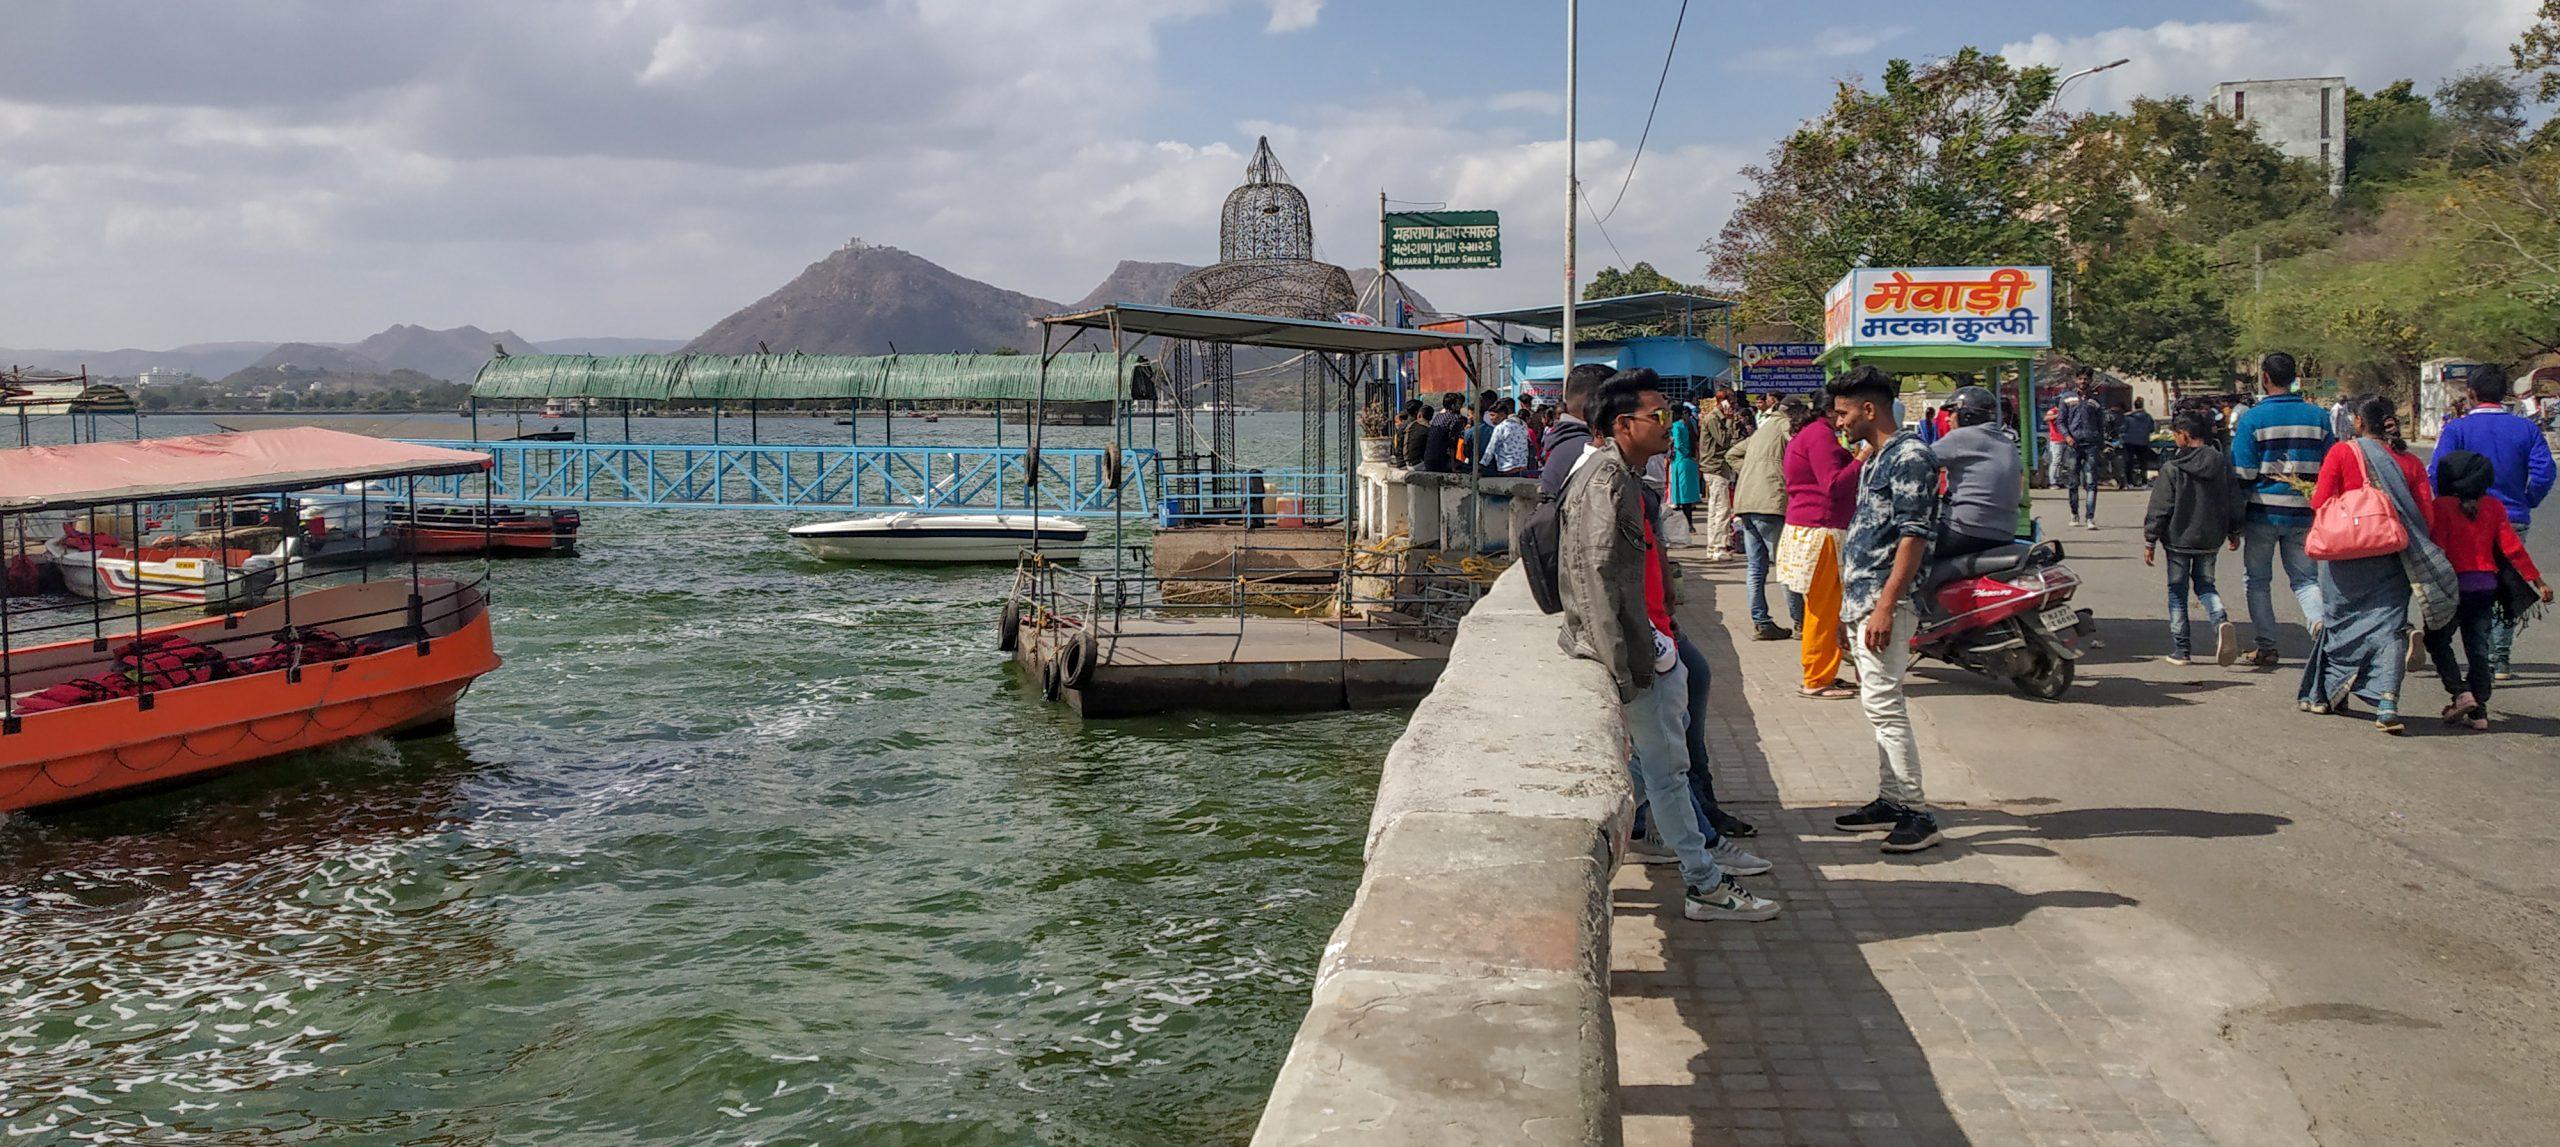 People at a lake